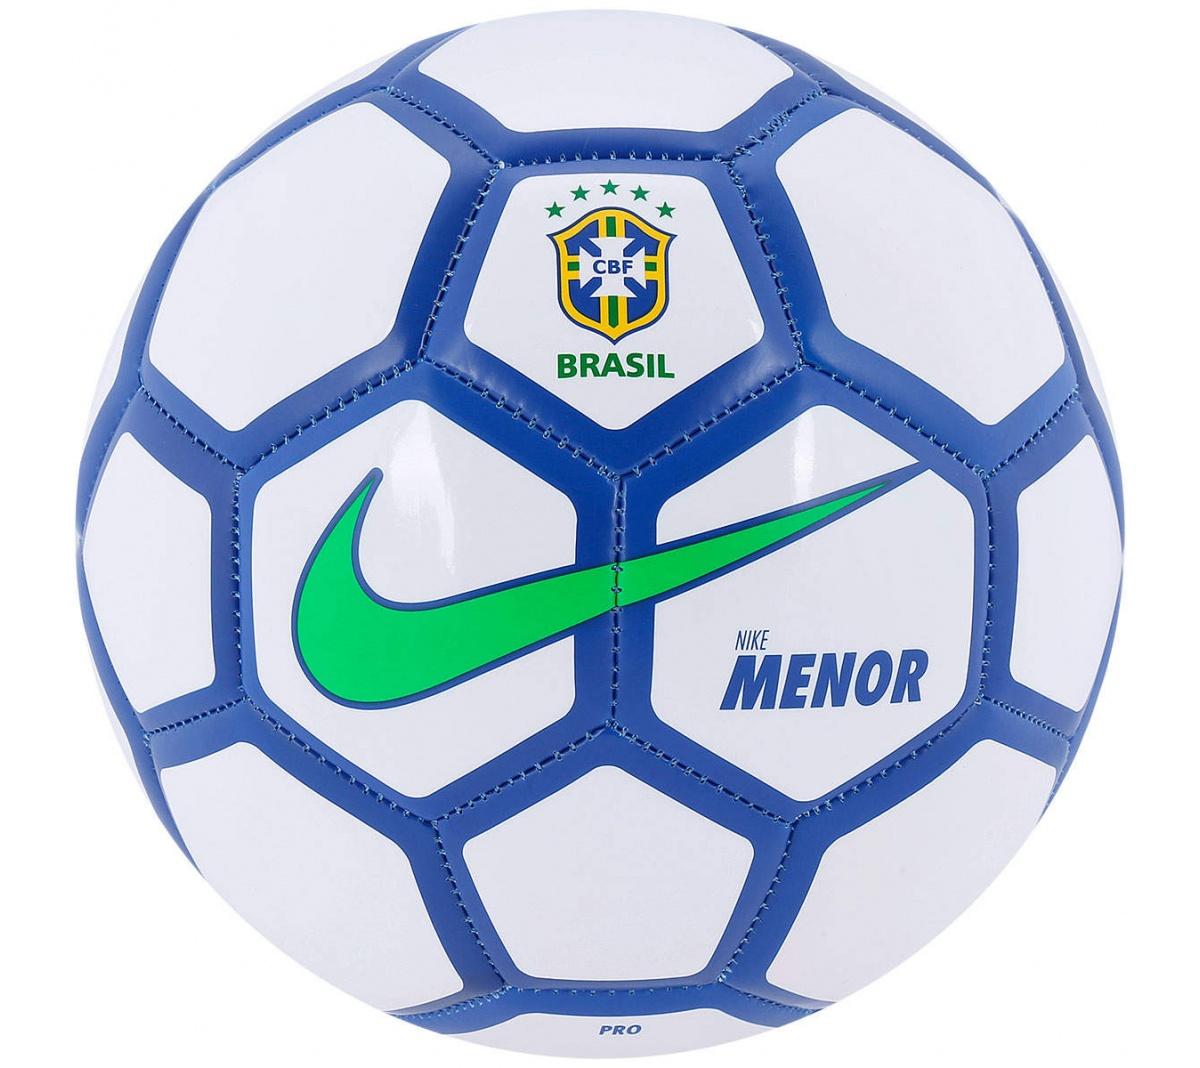 Bola Nike Menor CBF Futsal Bola Nike Menor CBF Futsal 07b35c366bcba